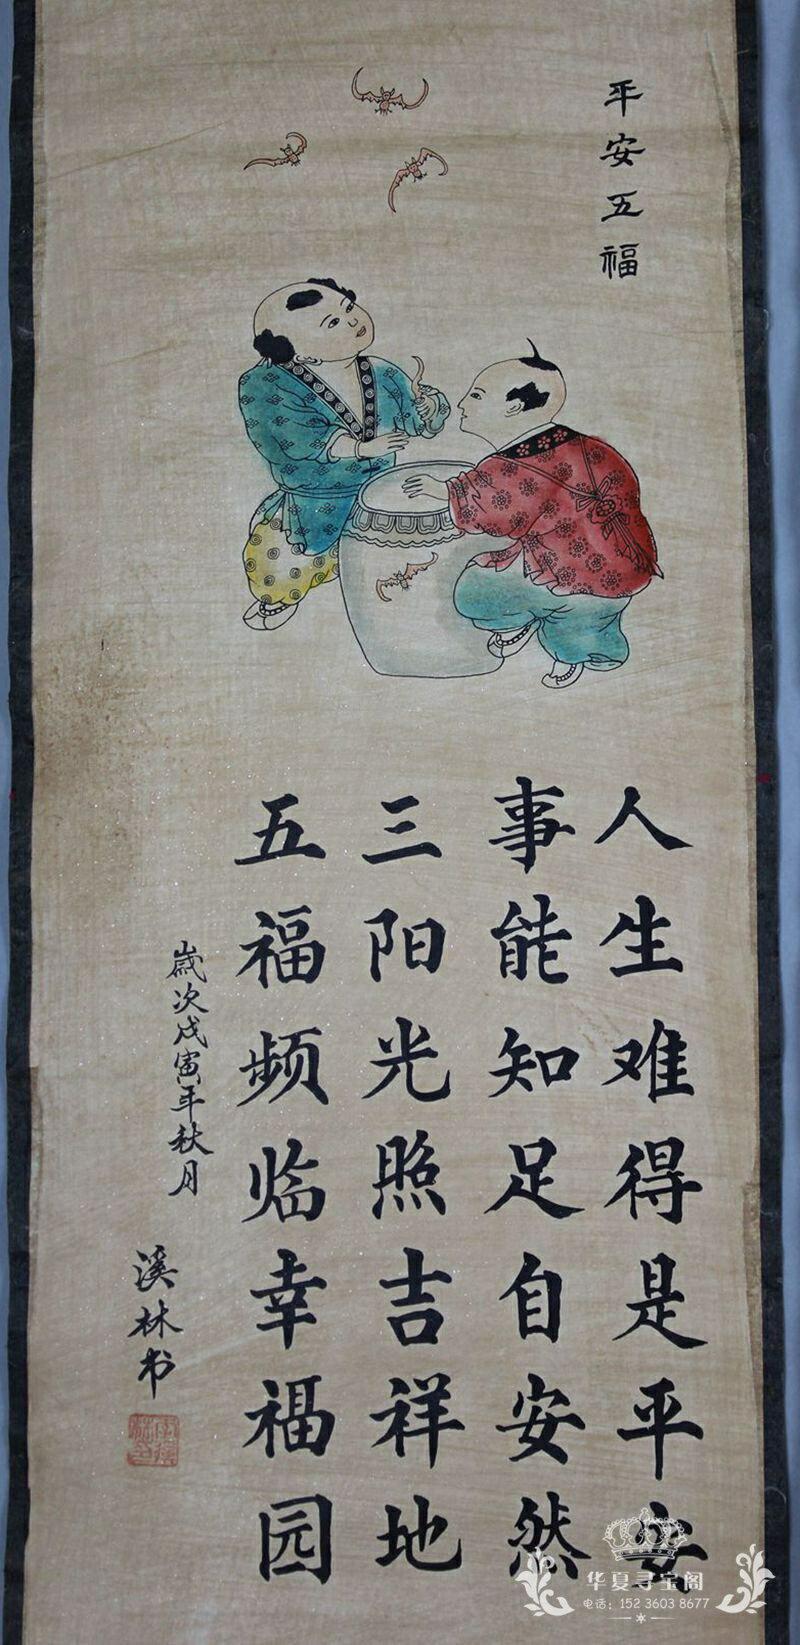 仿古字畫收藏國畫山水畫中堂畫壁畫辦公室畫已裝裱四條屏竹報平安